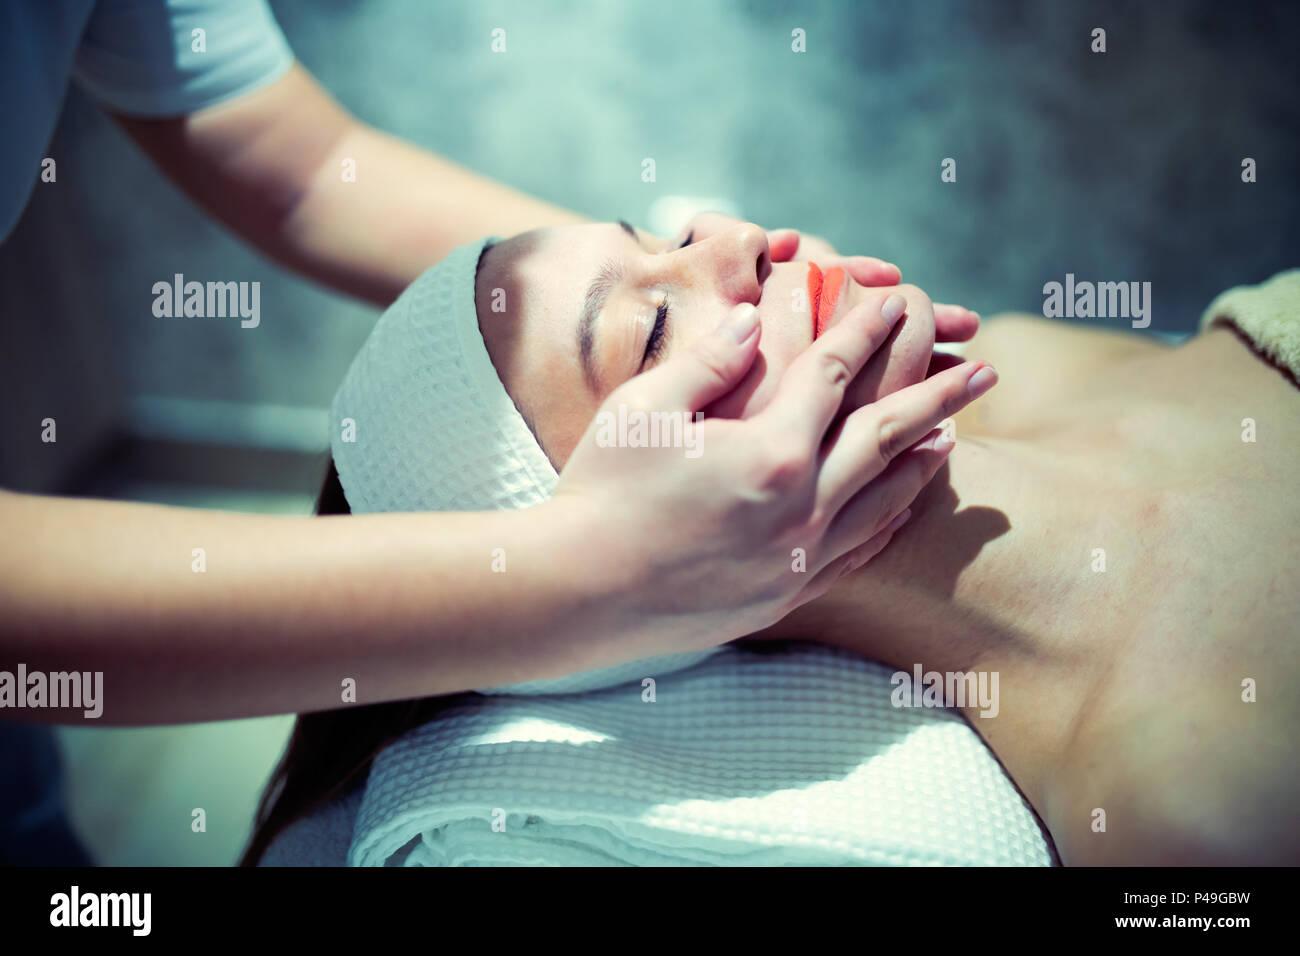 Gesichtsmassage Behandlung durch professionelle an Kosmetik salon Stockbild